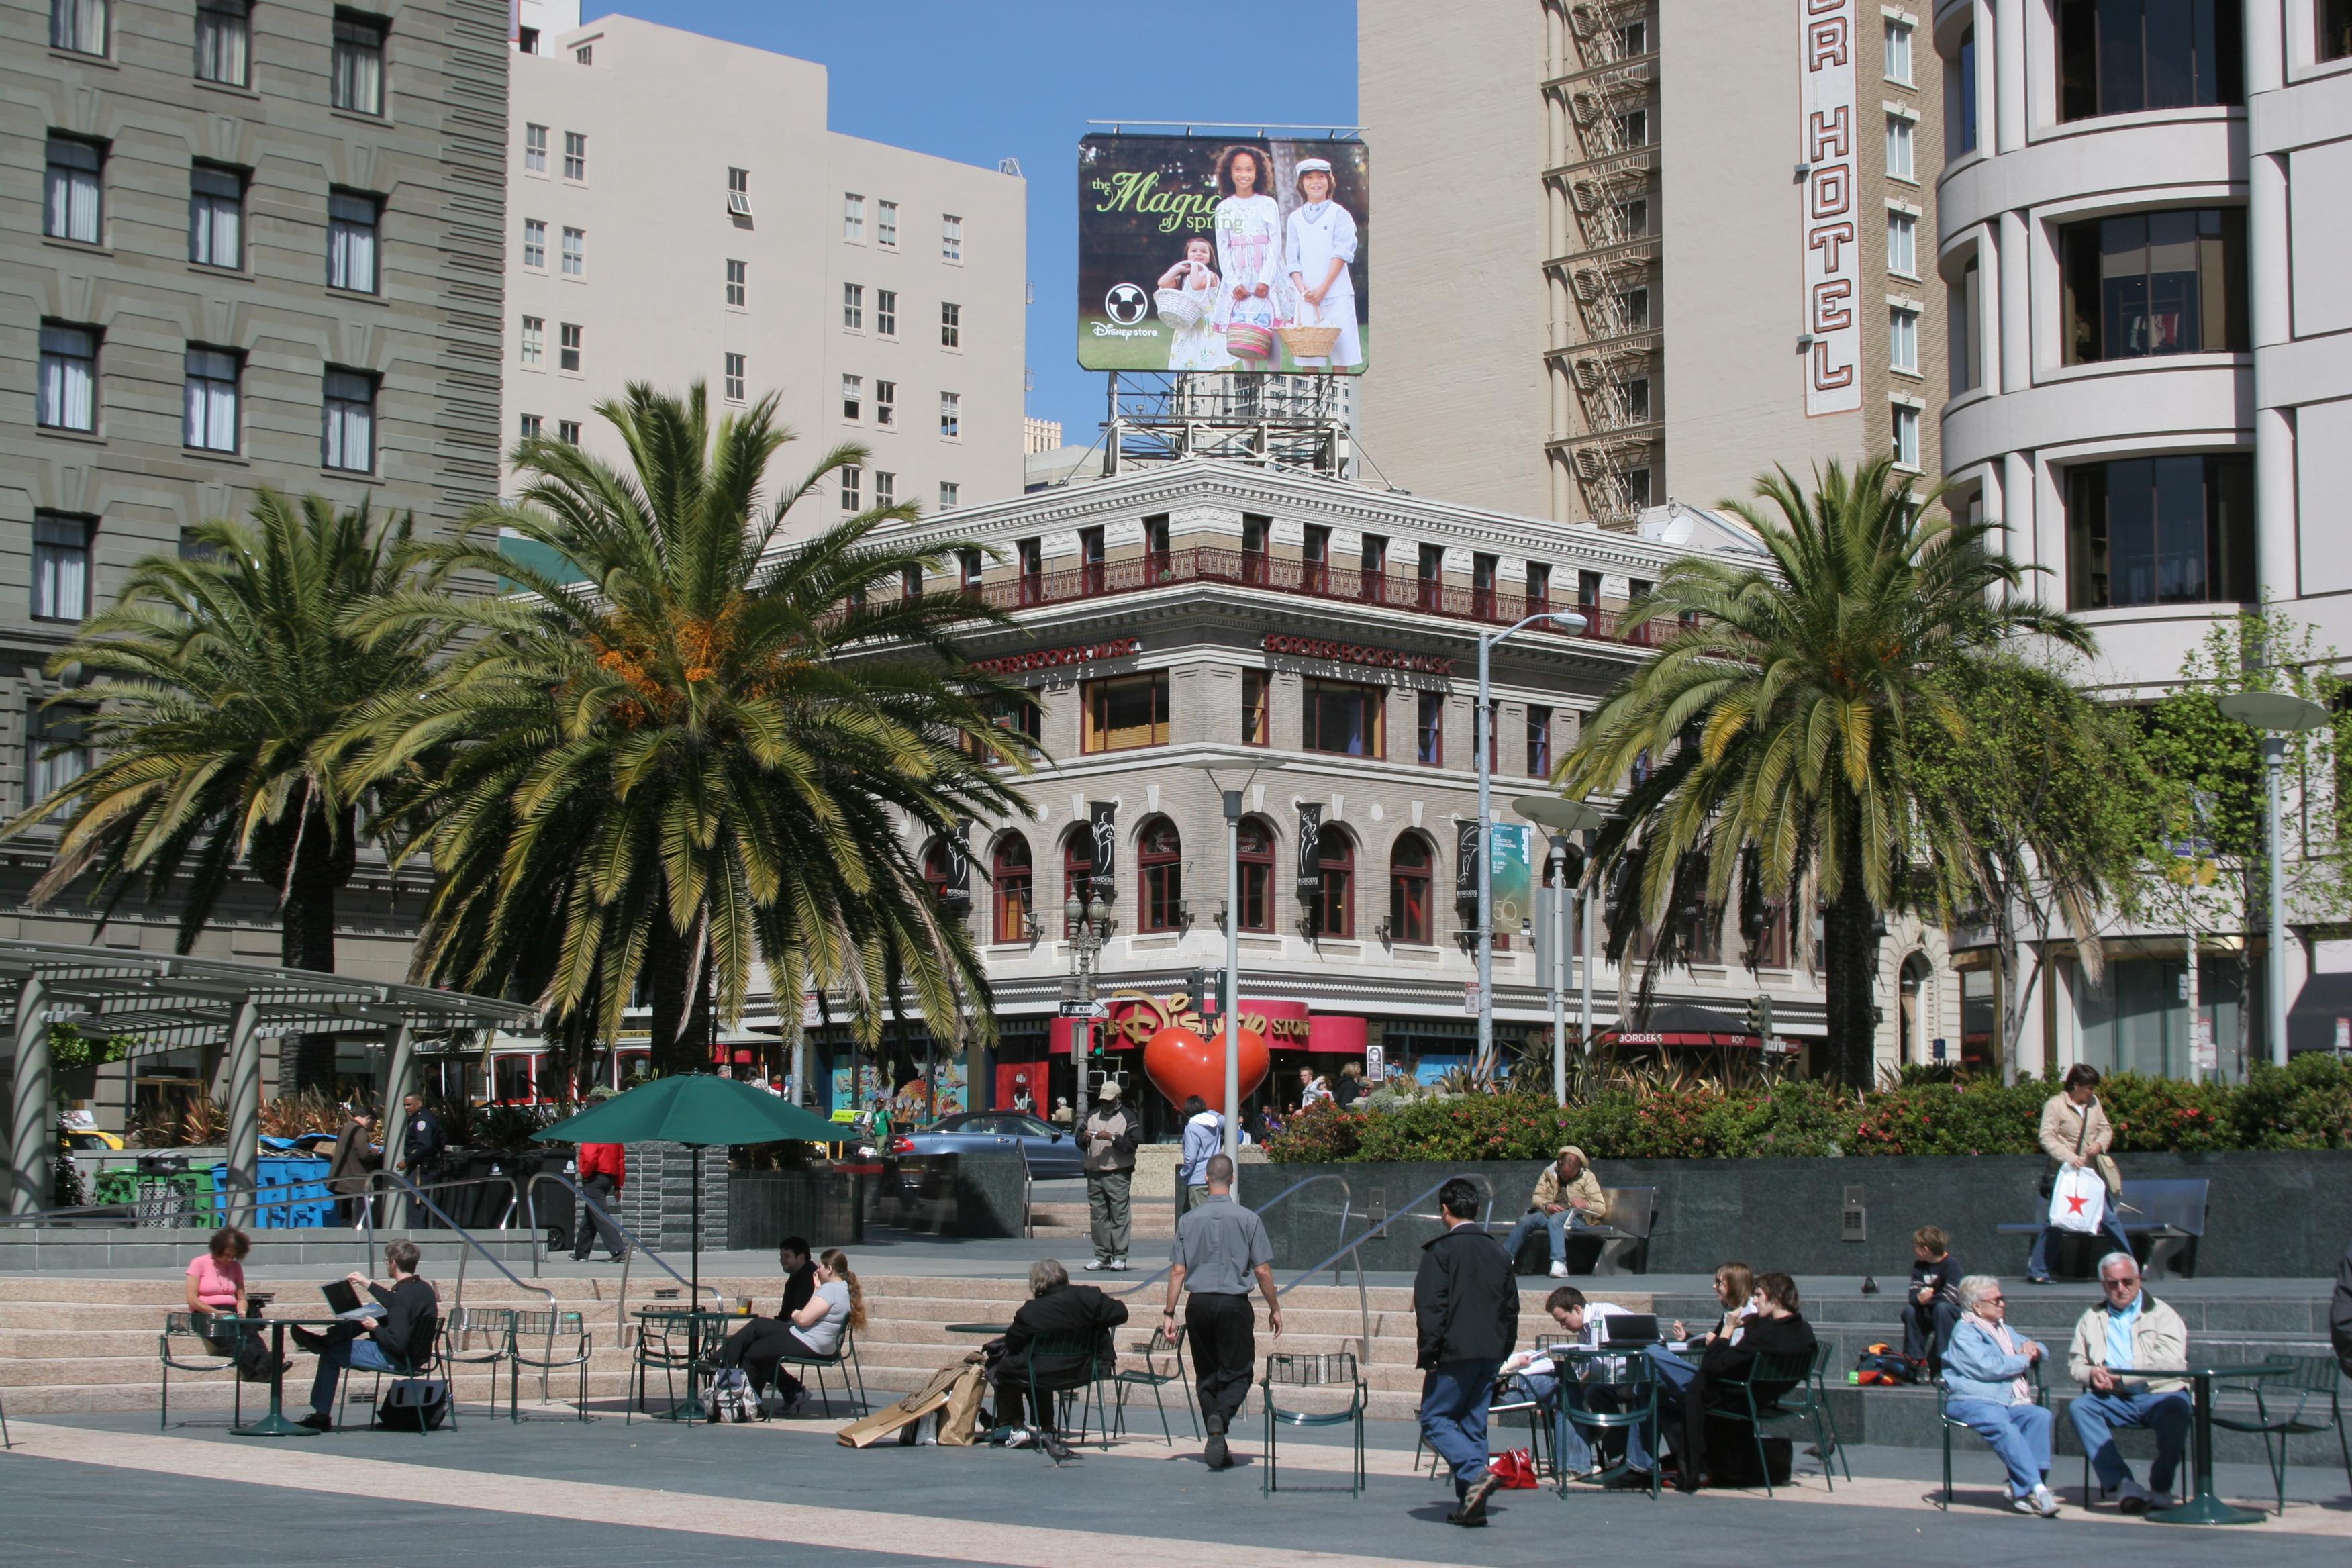 Union Square Plaza Hotel San Francisco